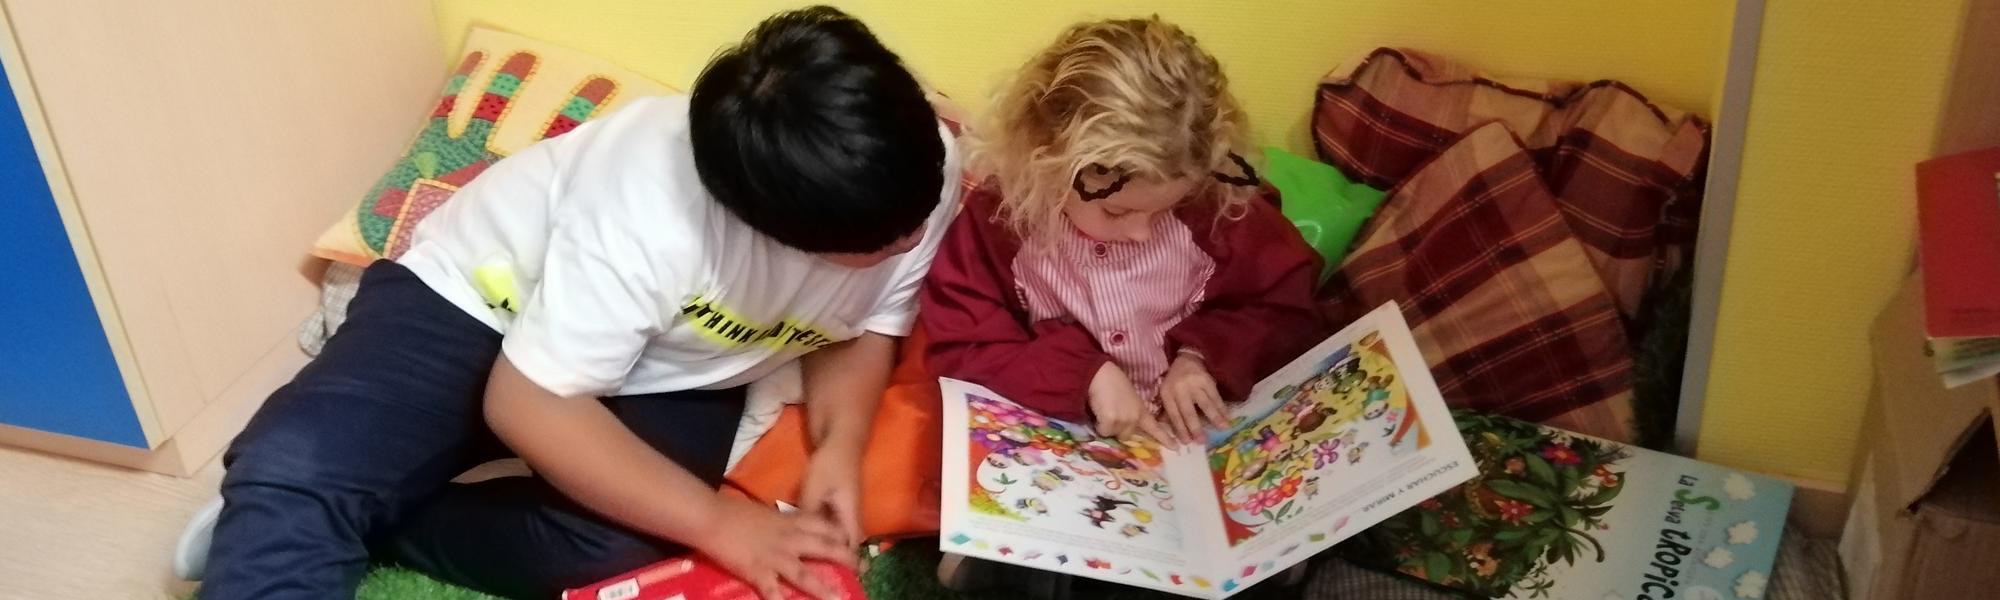 Programa de Educación en Valores colegio El Porvenir